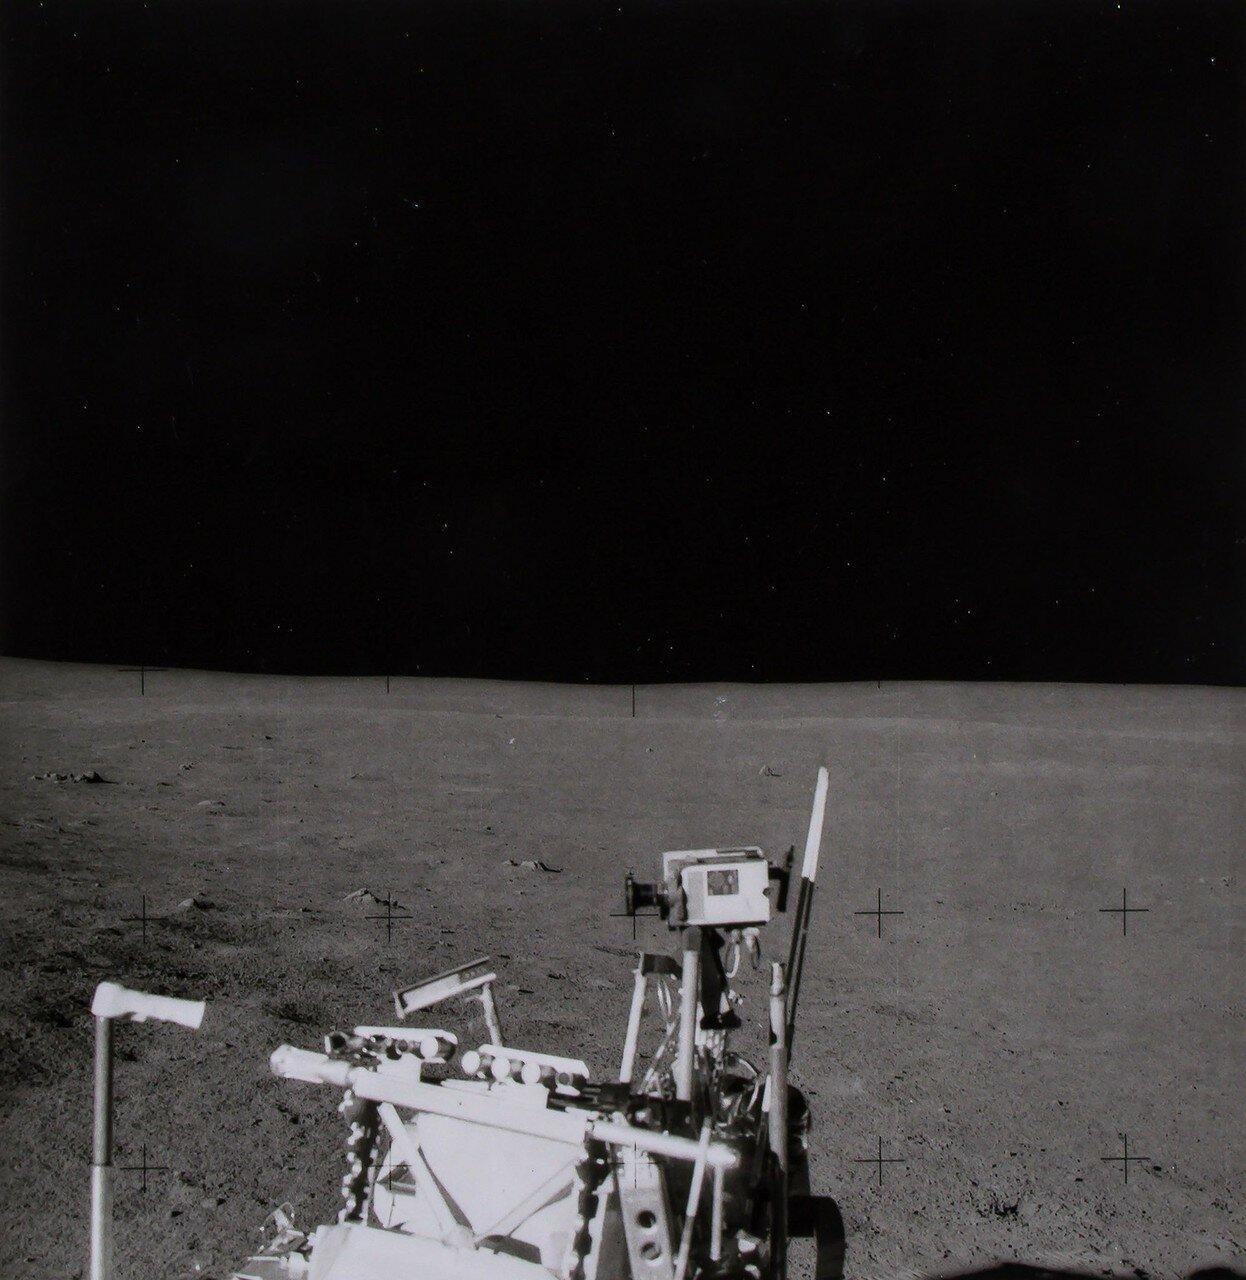 В 116 часов 27 минут полётного времени, астронавты, предварительно погрузив часть оборудования на тележку, отправились к месту для установки научных приборов. На снимке: 16-мм камера снимает местность во время своего передвижения